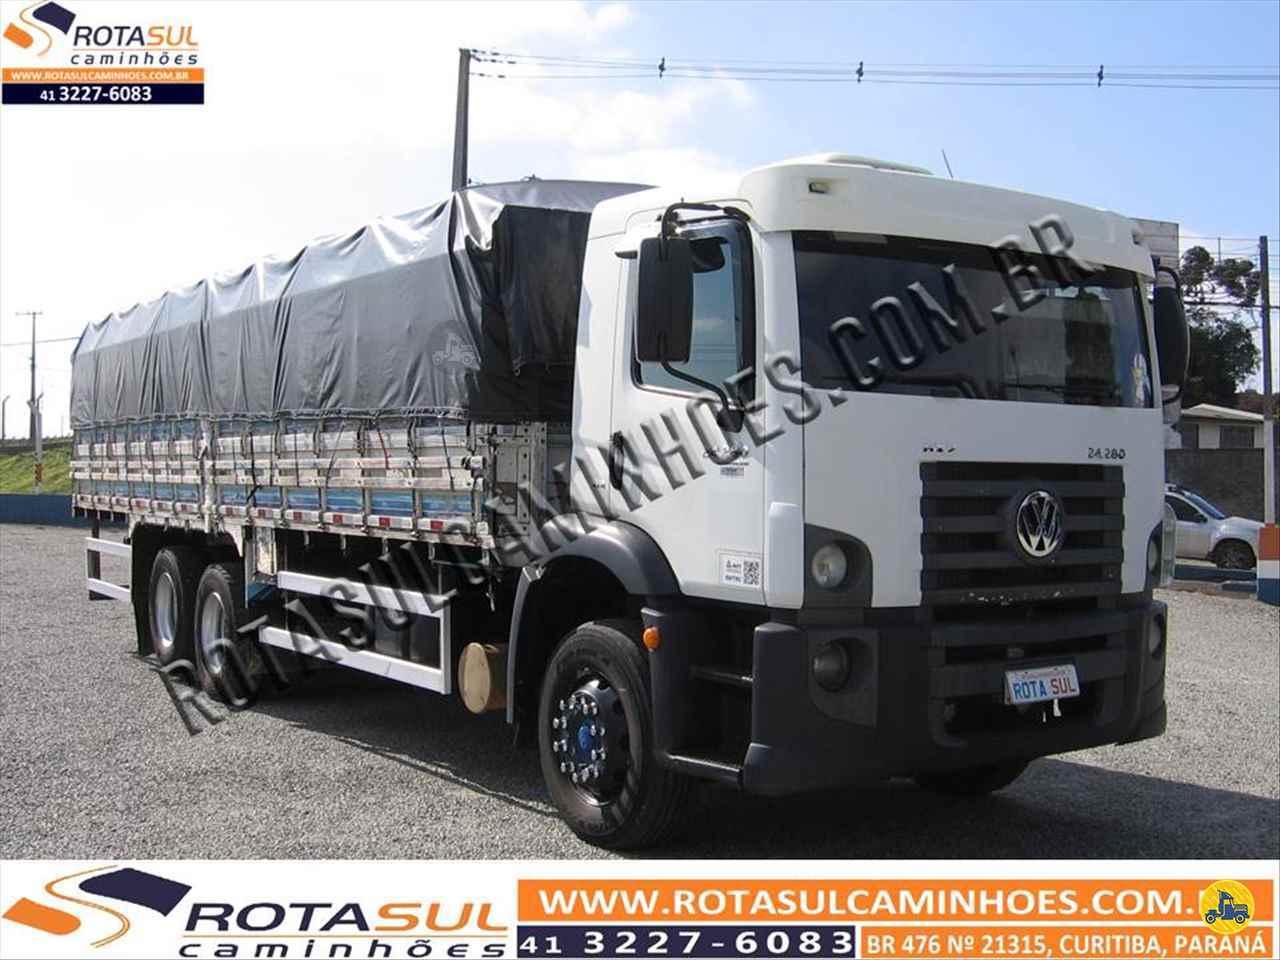 CAMINHAO VOLKSWAGEN VW 24280 Graneleiro Truck 6x2 Rota Sul Caminhões CURITIBA PARANÁ PR